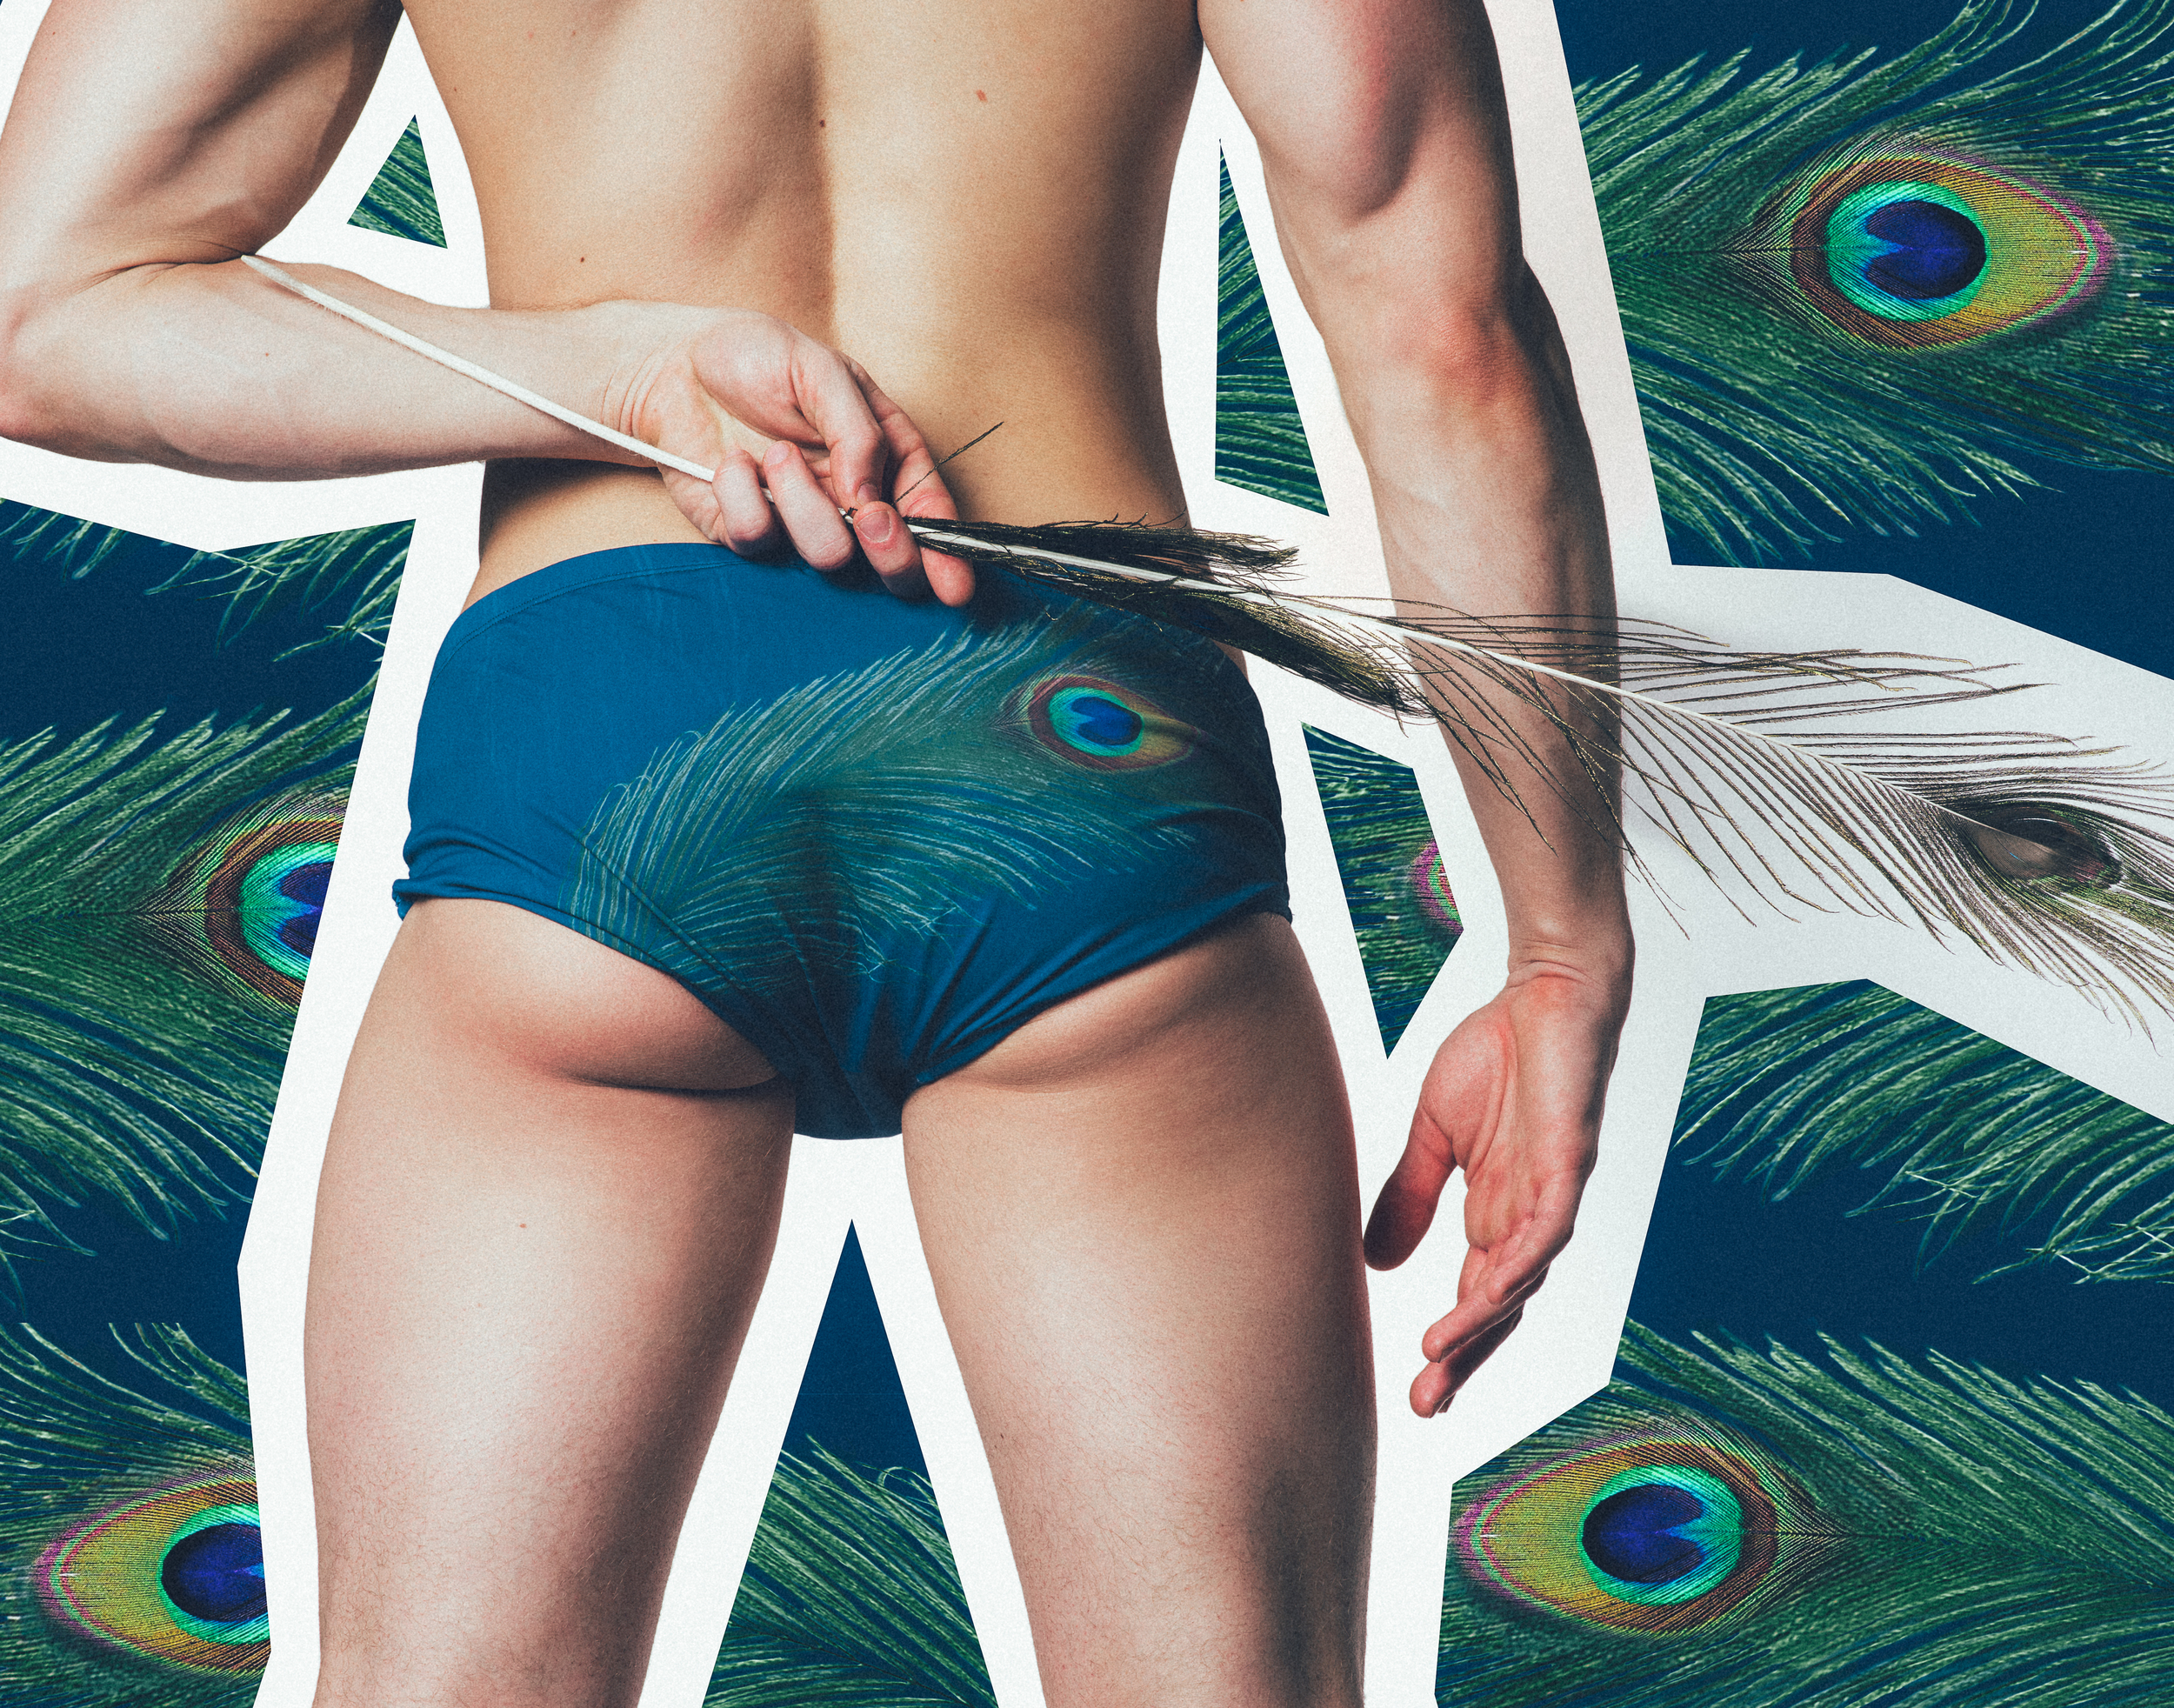 Butt shot peacock feather.jpg